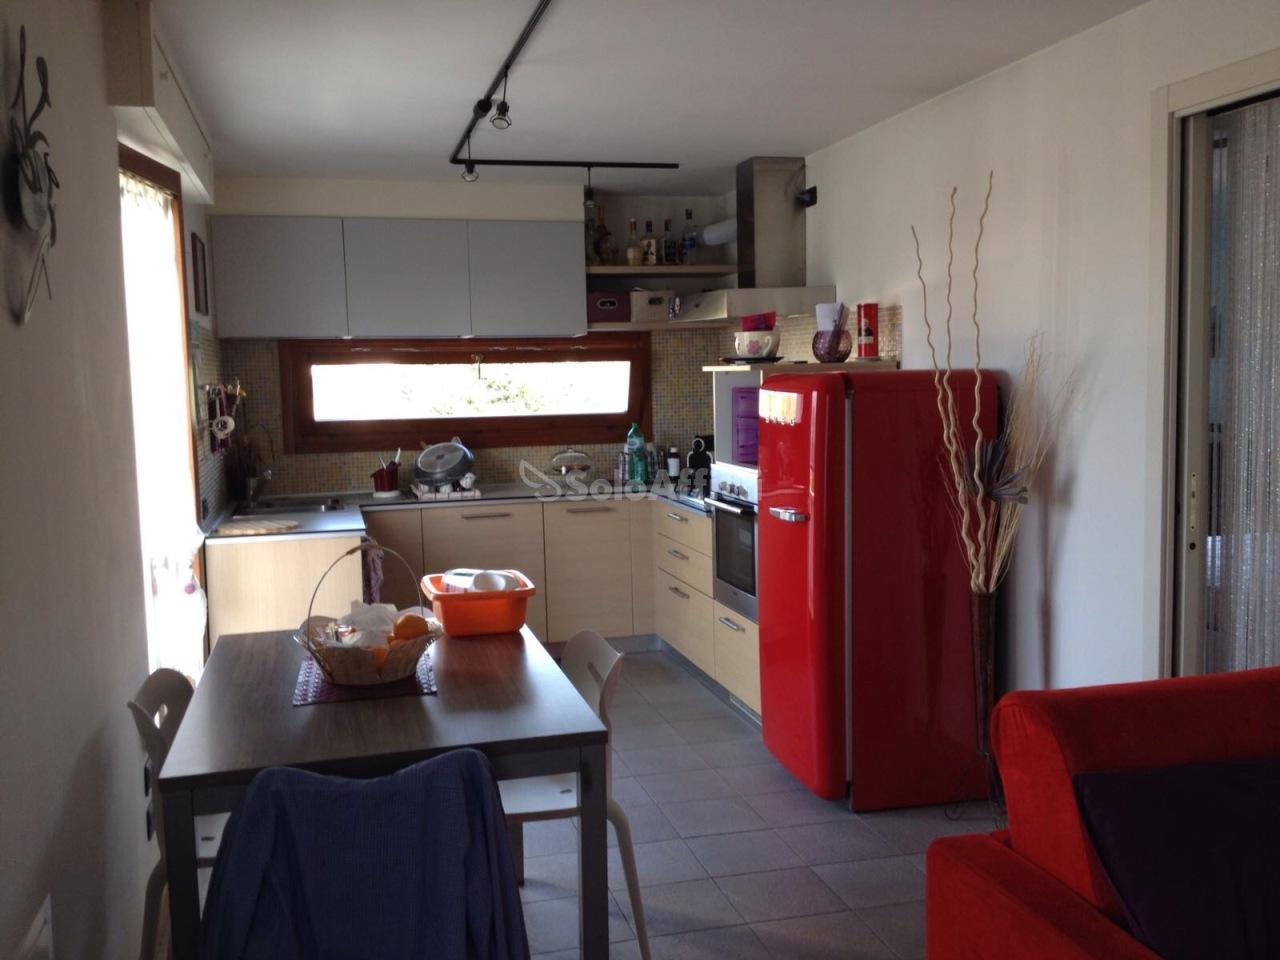 Appartamento in affitto a Cantù (CO)